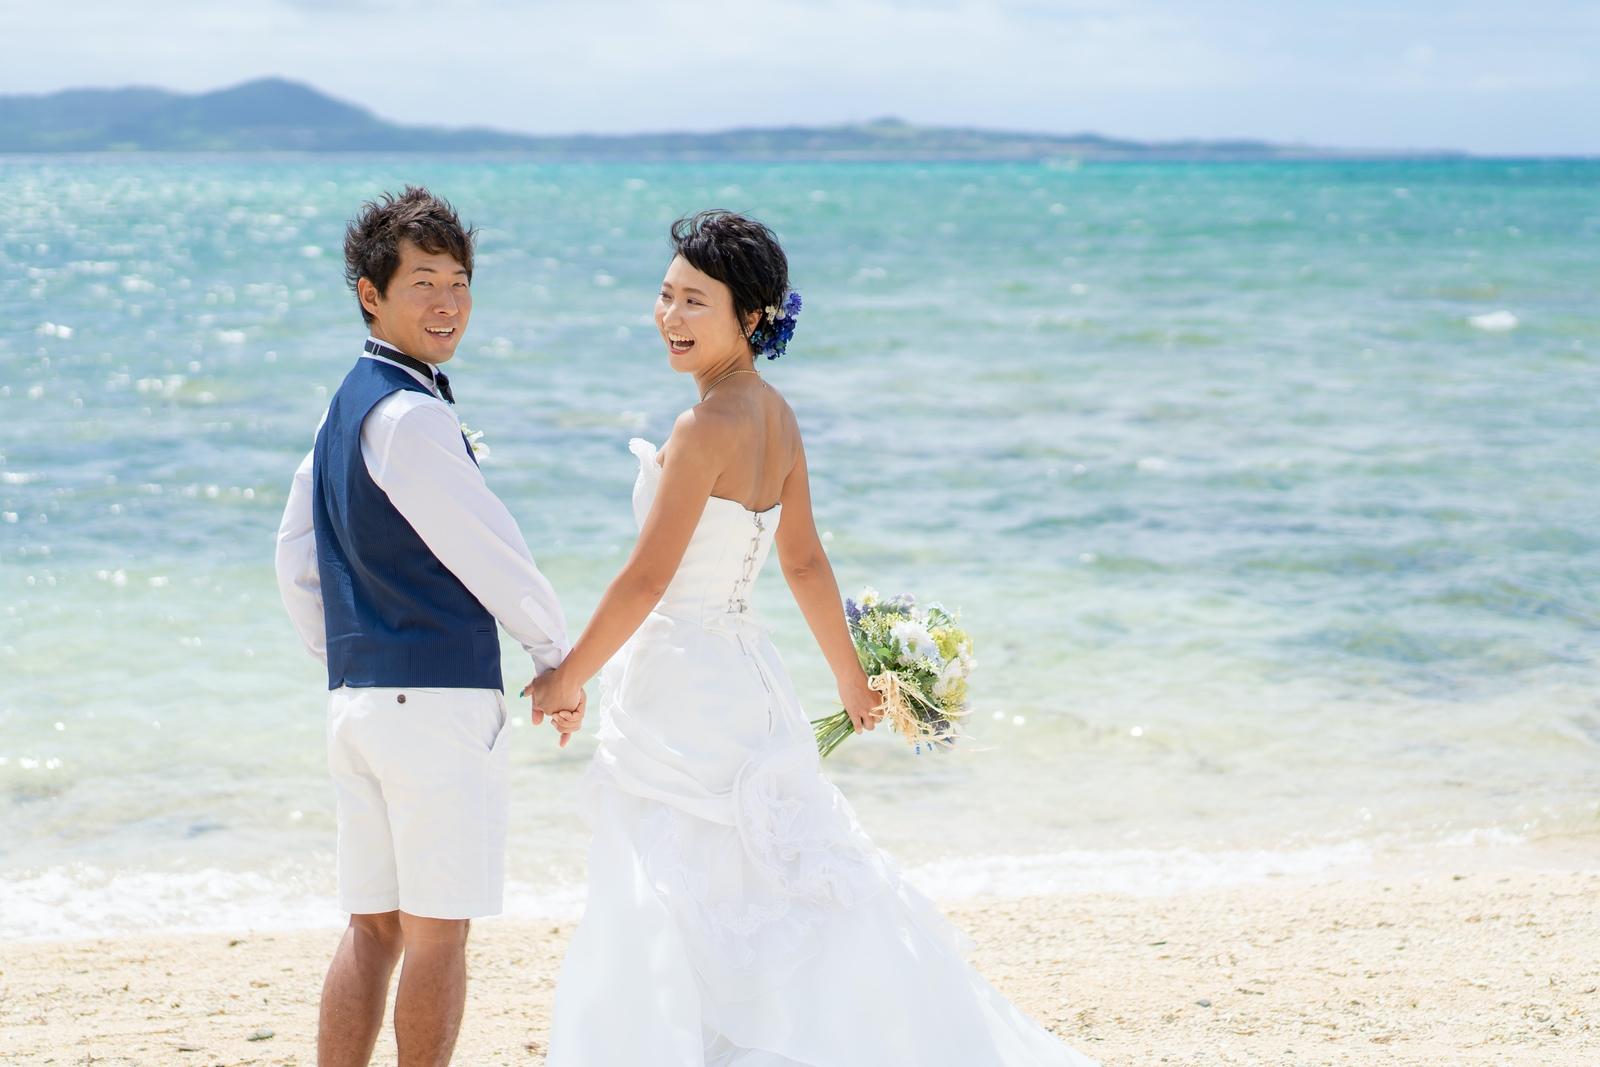 【レポ#45】結婚式の前撮りとして♡ Y&M様のビーチフォト